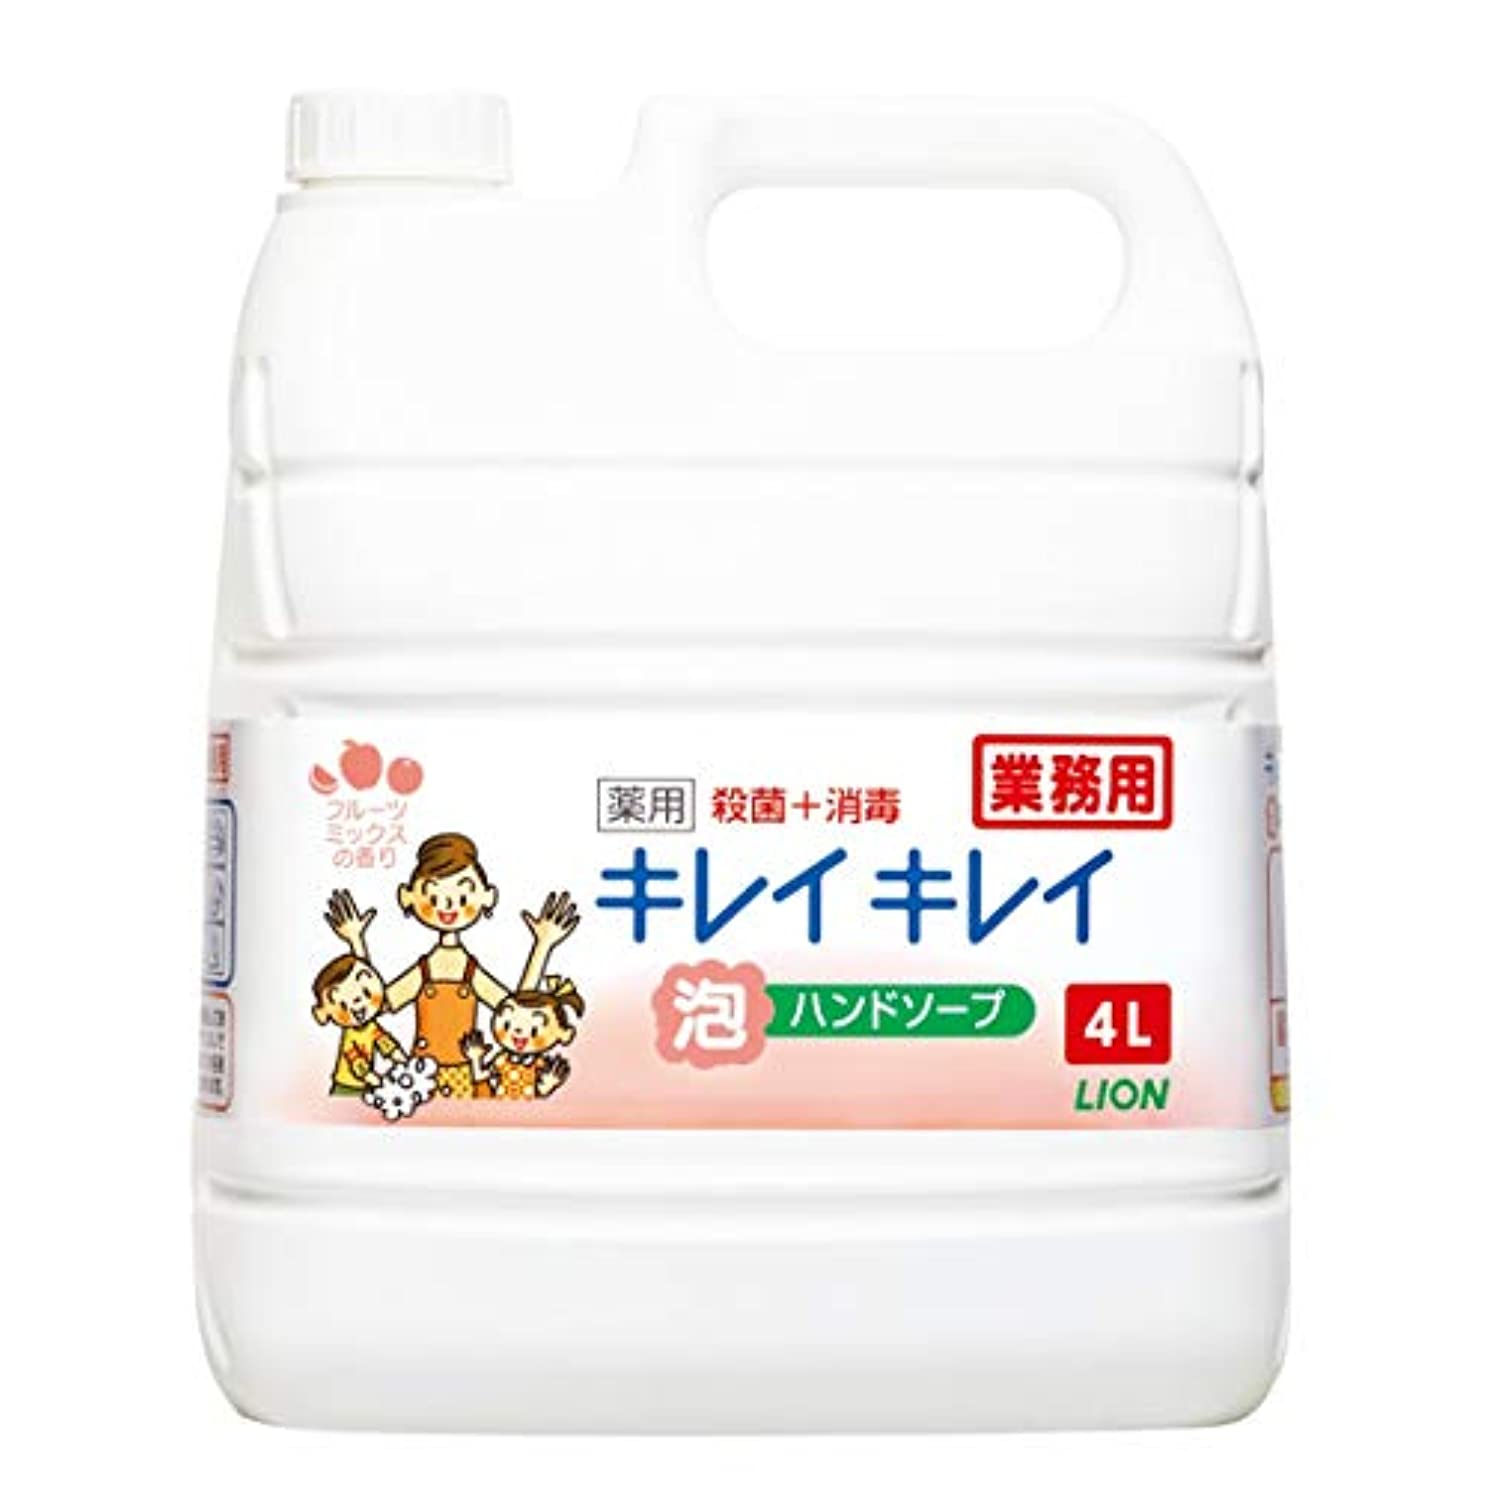 冷ややかな酸大統領【業務用 大容量】キレイキレイ 薬用 泡ハンドソープフルーツミックスの香り 4L(医薬部外品)